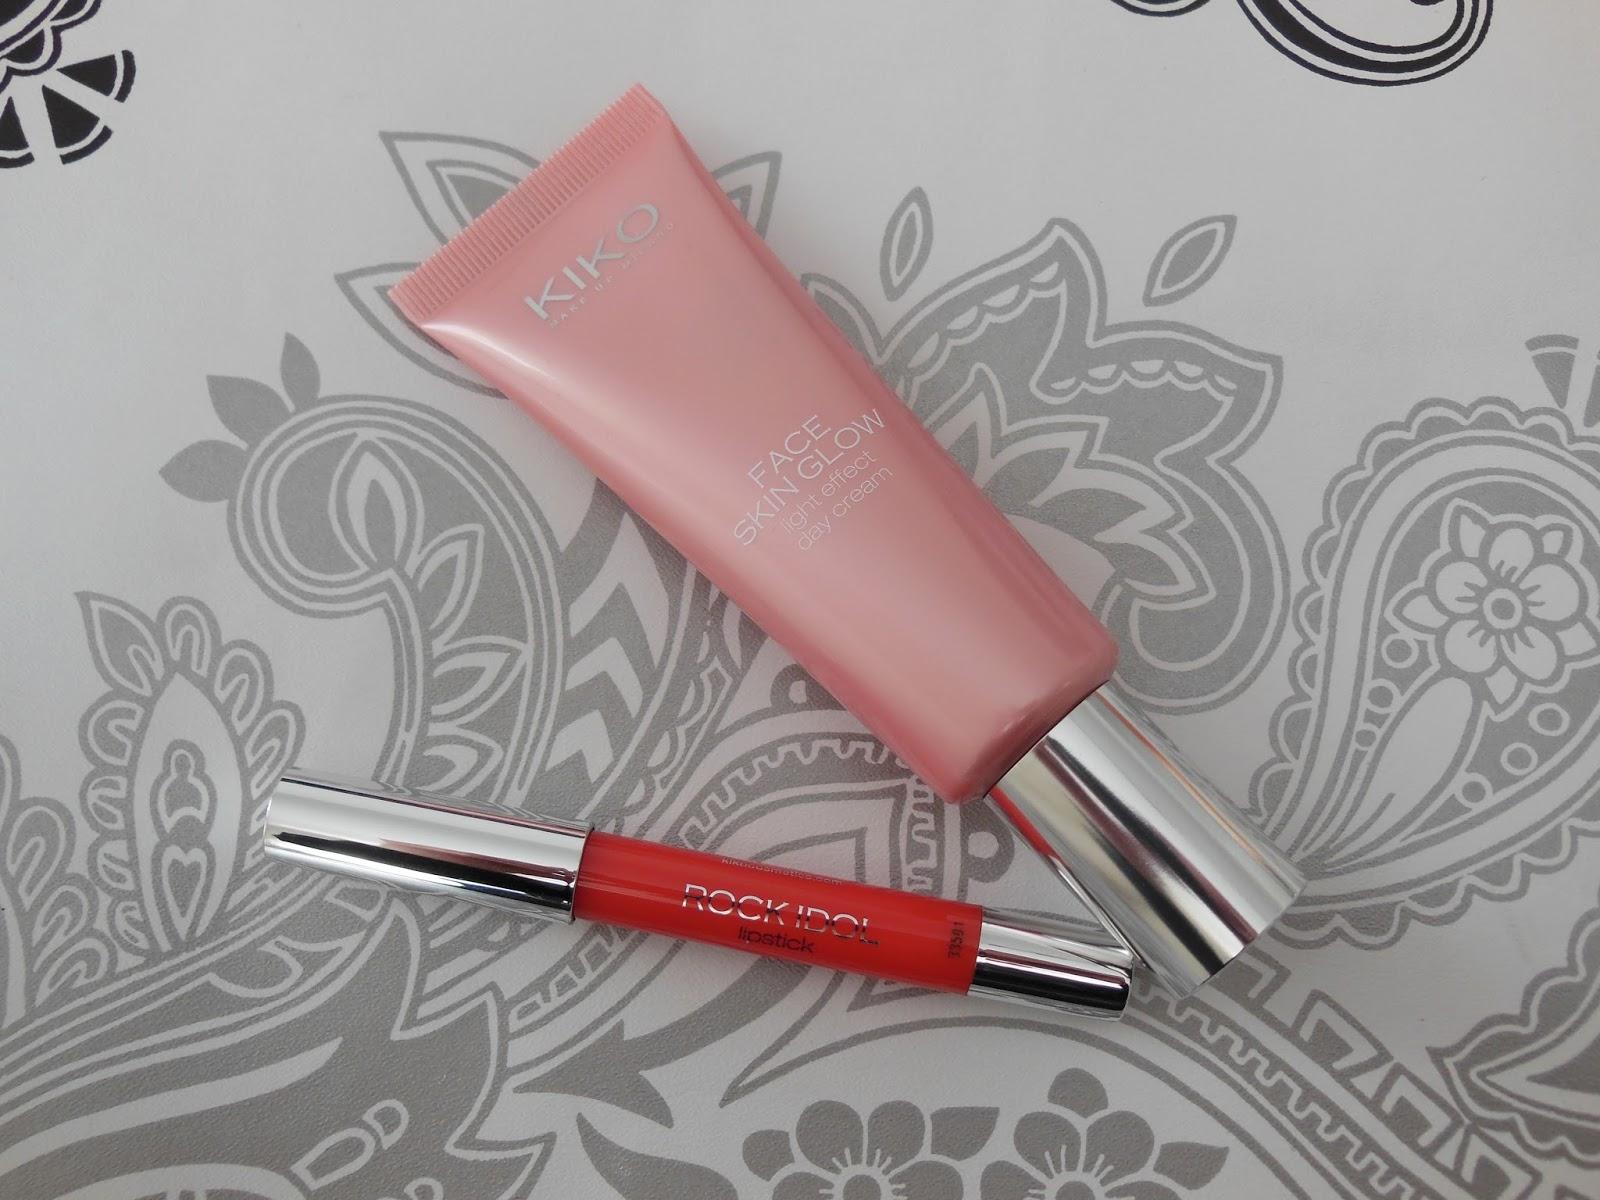 Kiko rock idol lipstick and face skin glow